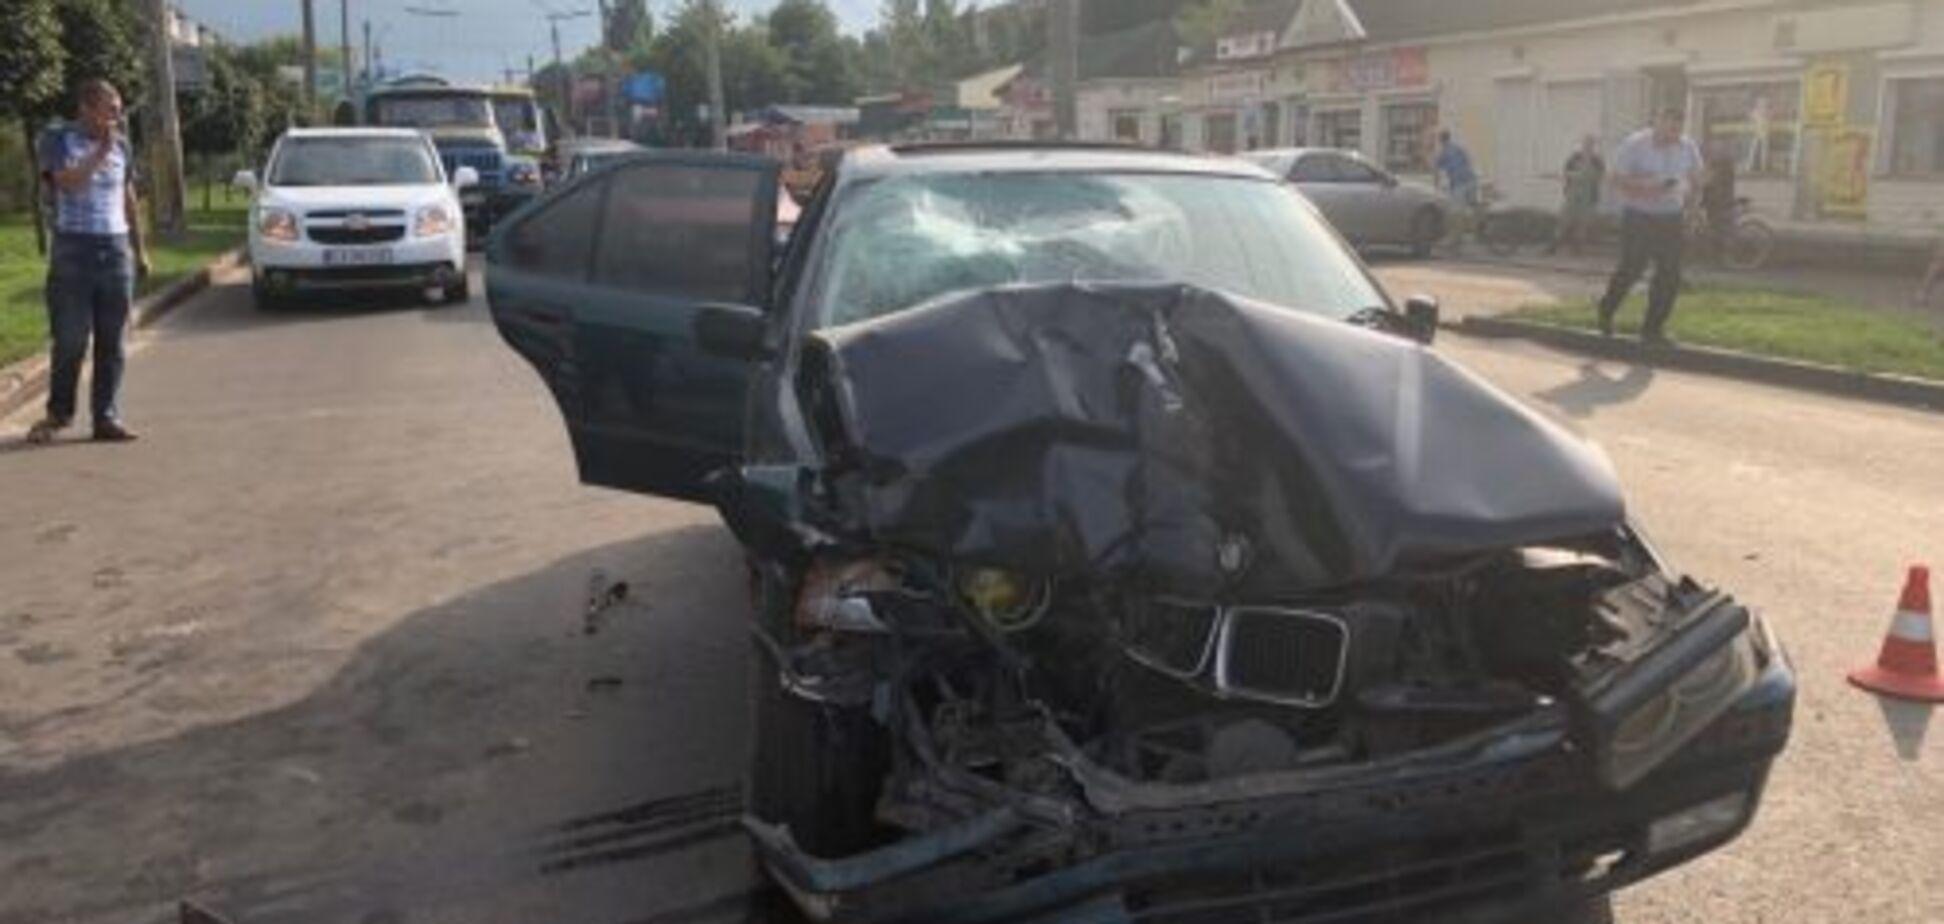 Жуткая авария в Черкассах: водитель на тротуаре задавил мать с ребенком